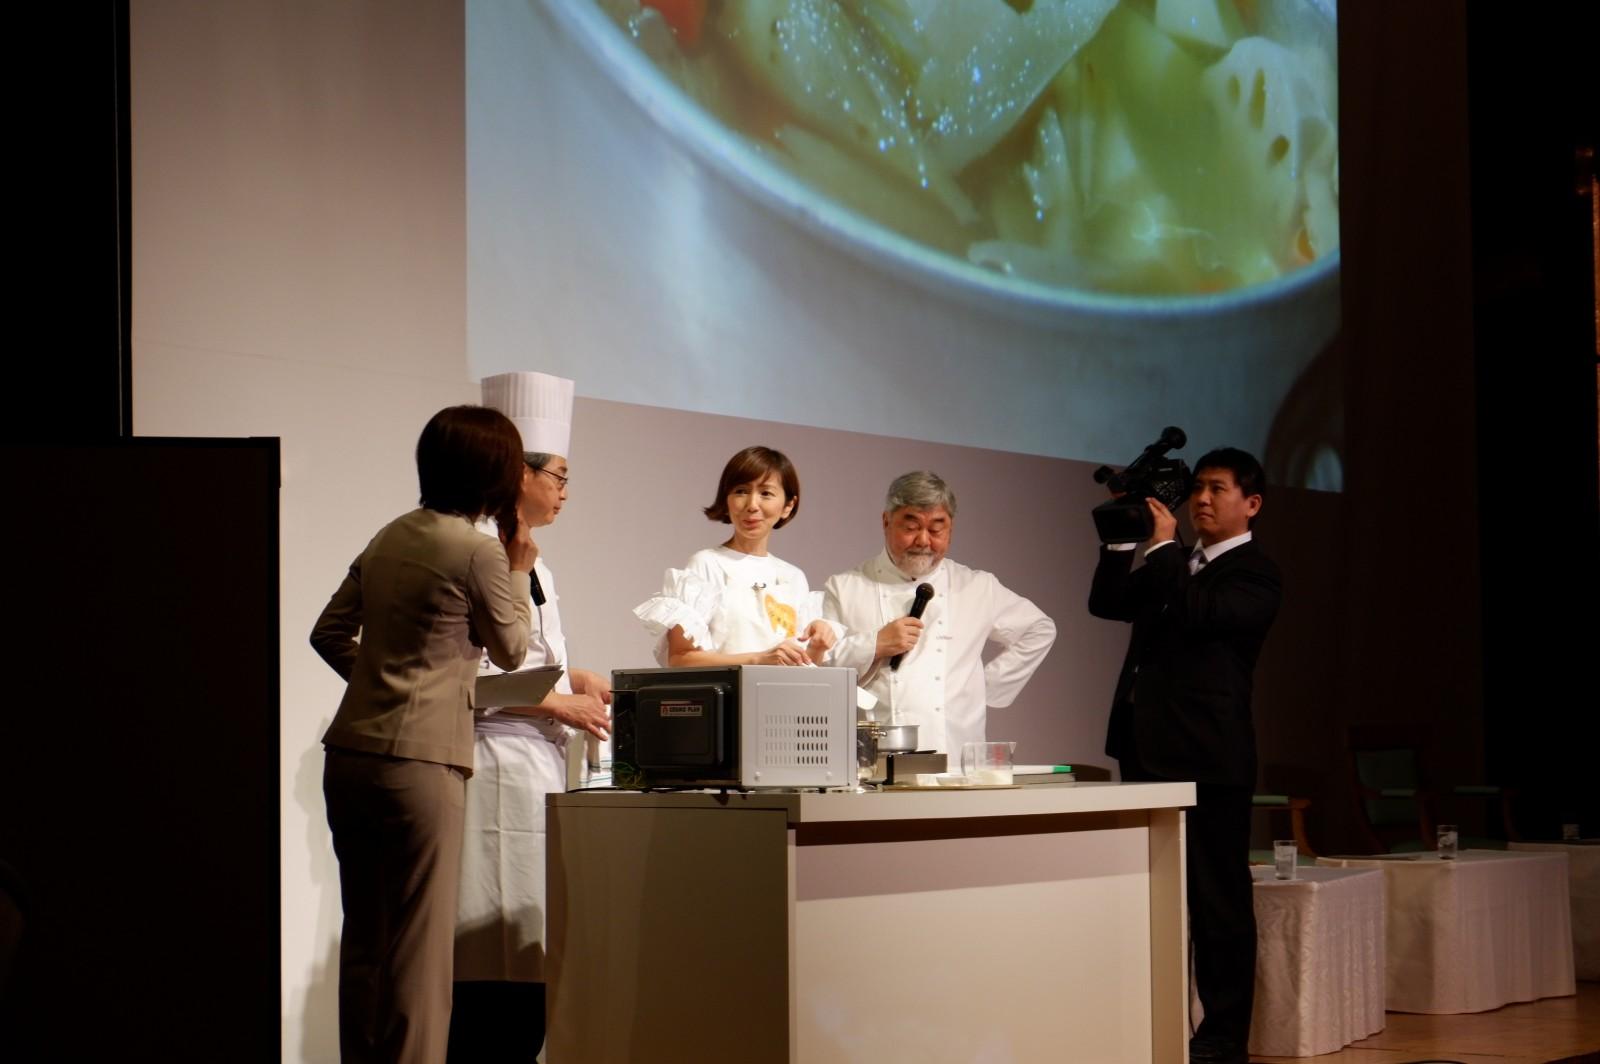 10月18日「冷凍食品の日」イベントで渡辺満里奈さんがアレンジメニューを調理